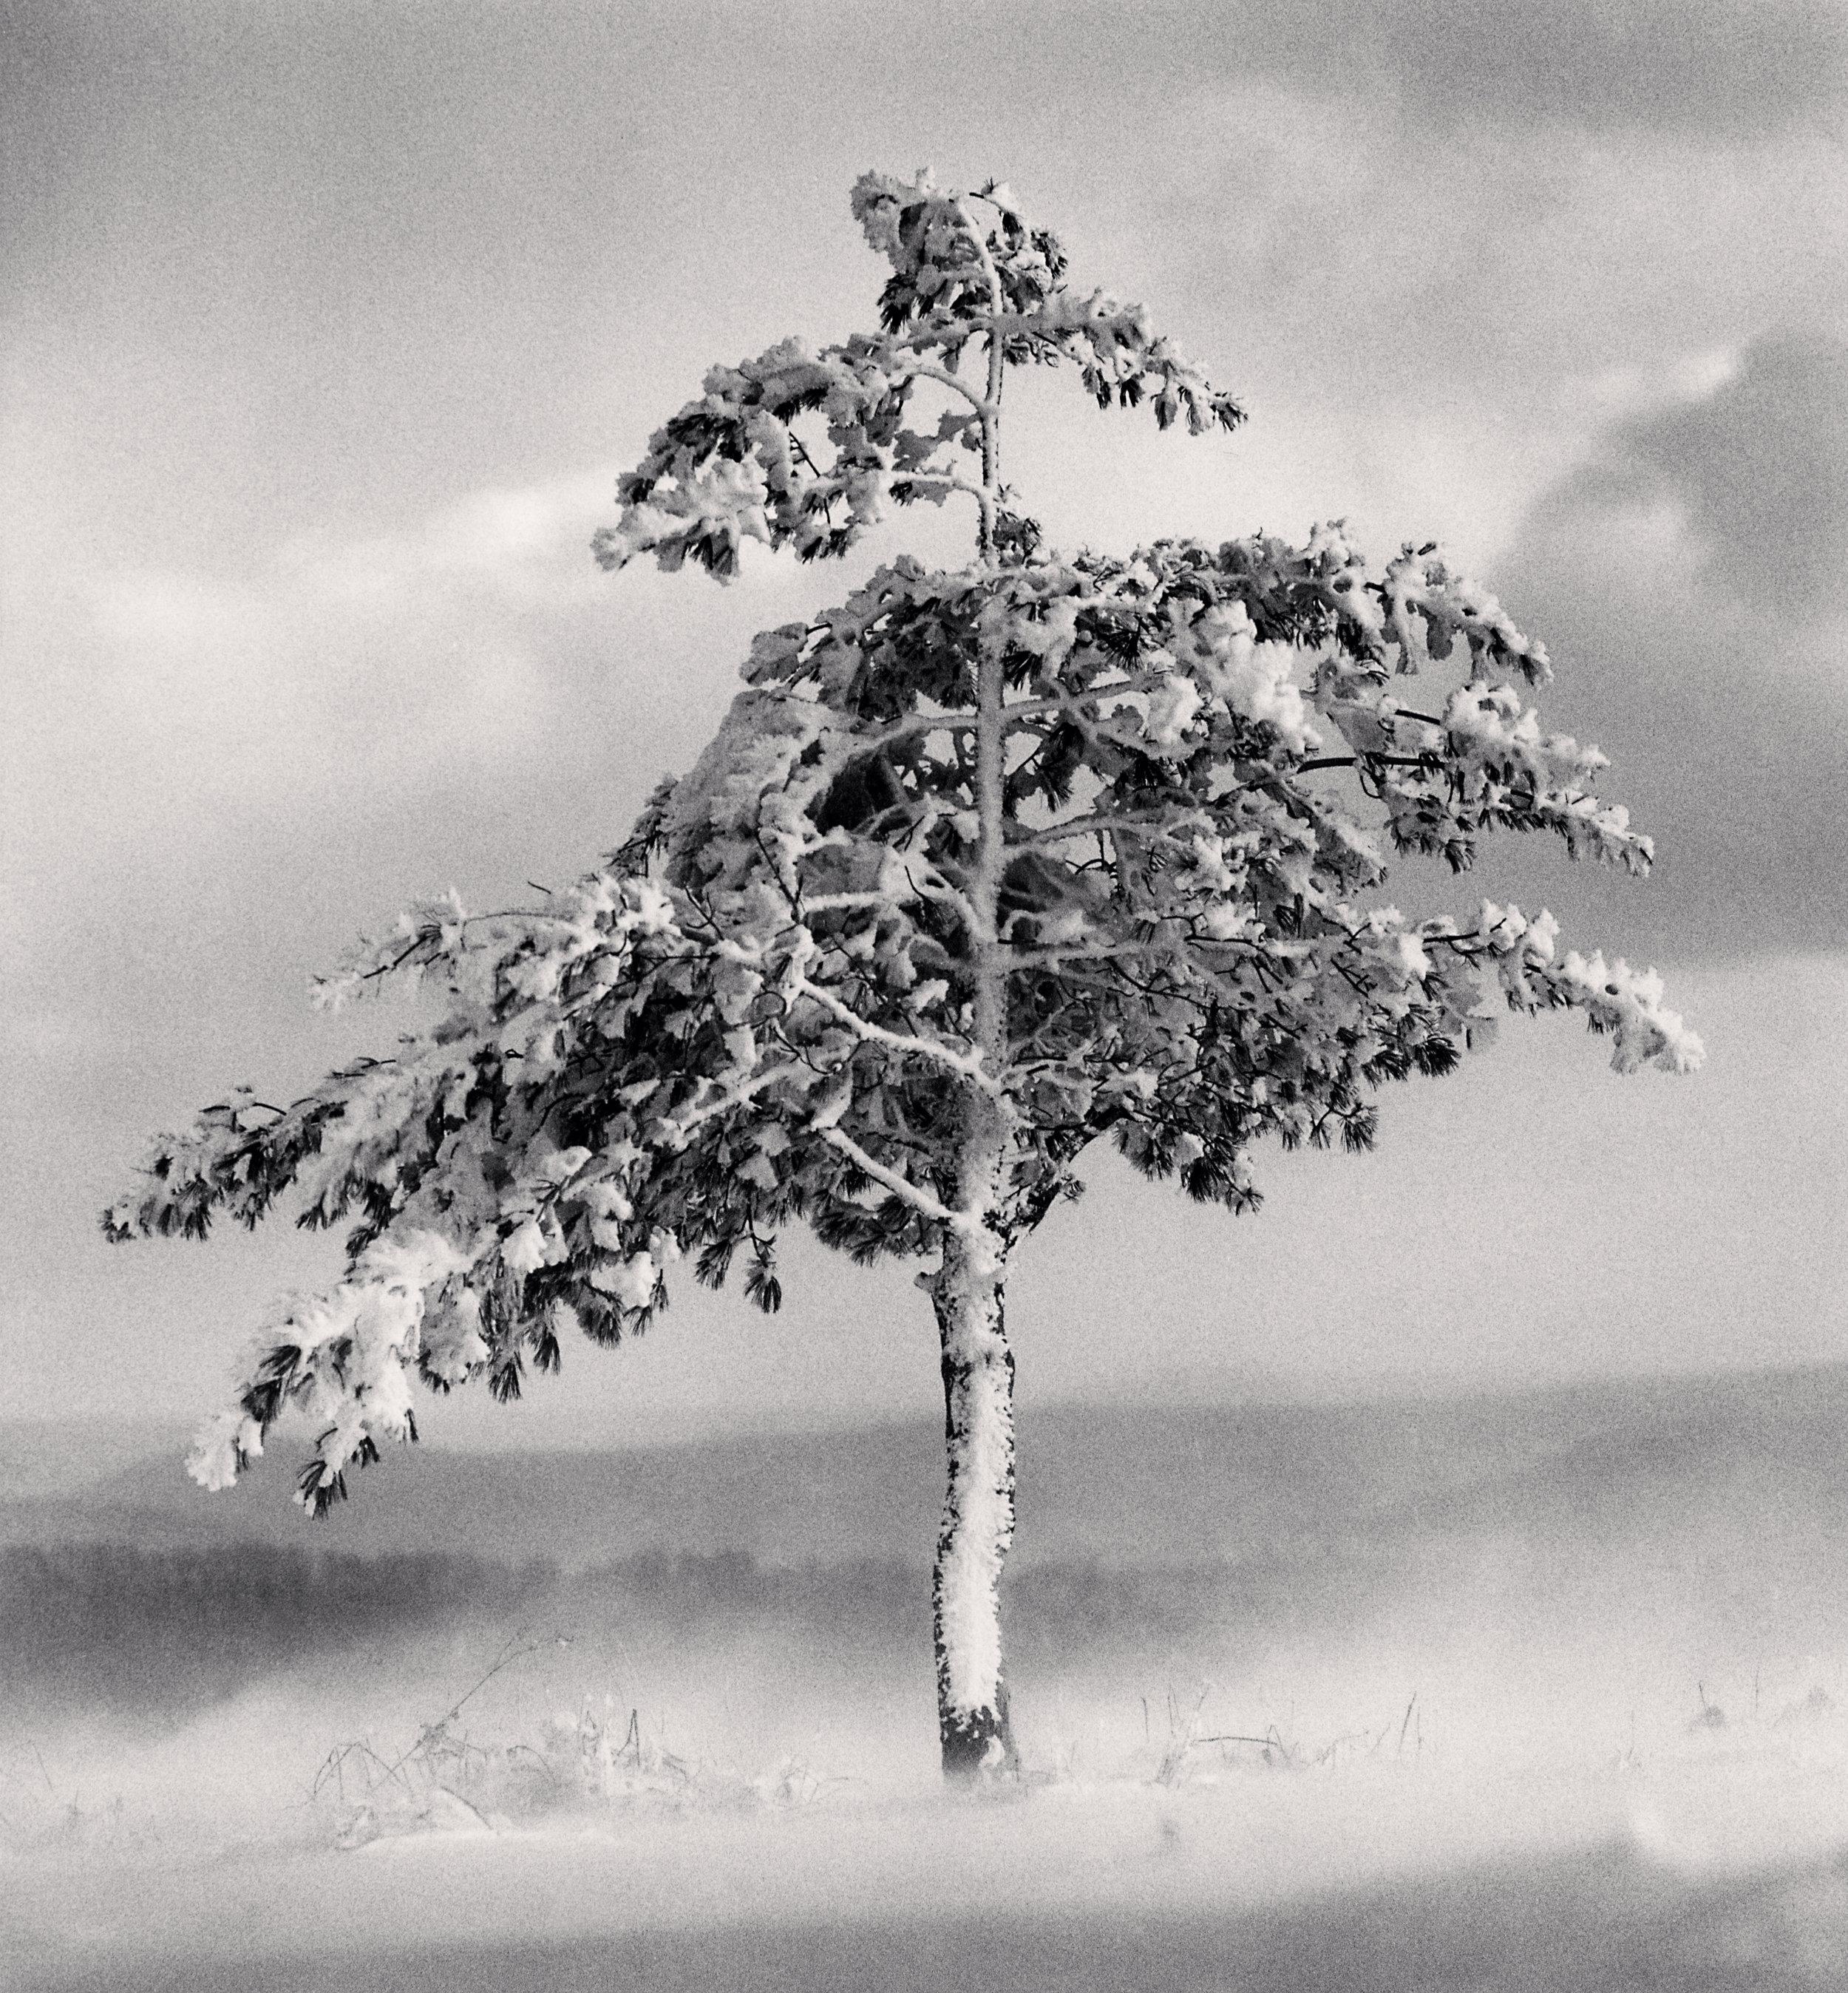 """©Michael Kenna """"Tree in Snowdrift, Yangcao Hill, Wuchang, Heilongjiang, China. 2011"""""""